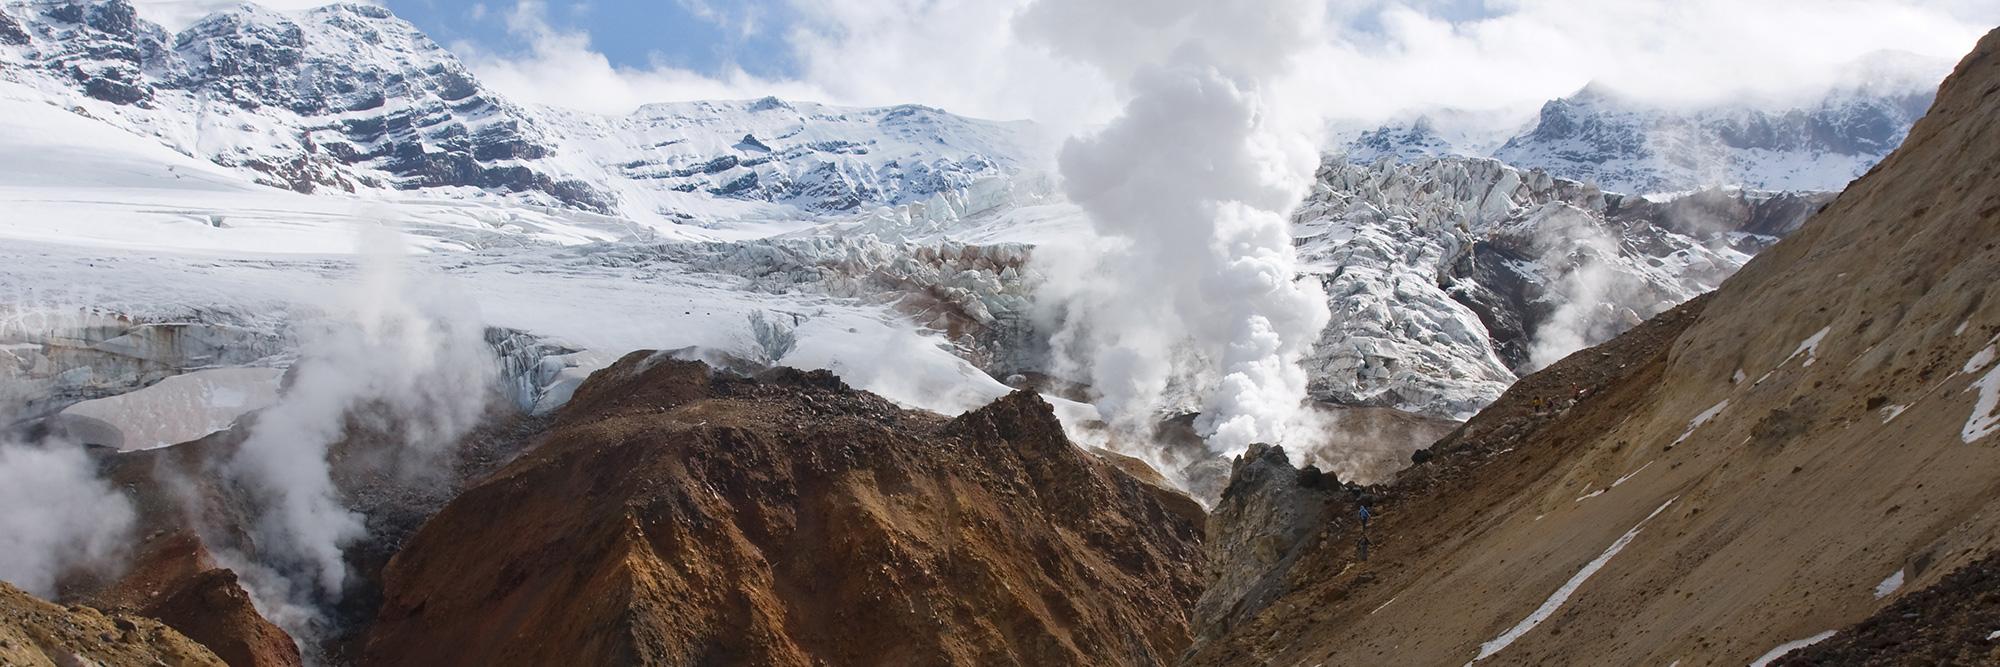 Volcan Mutnovsky